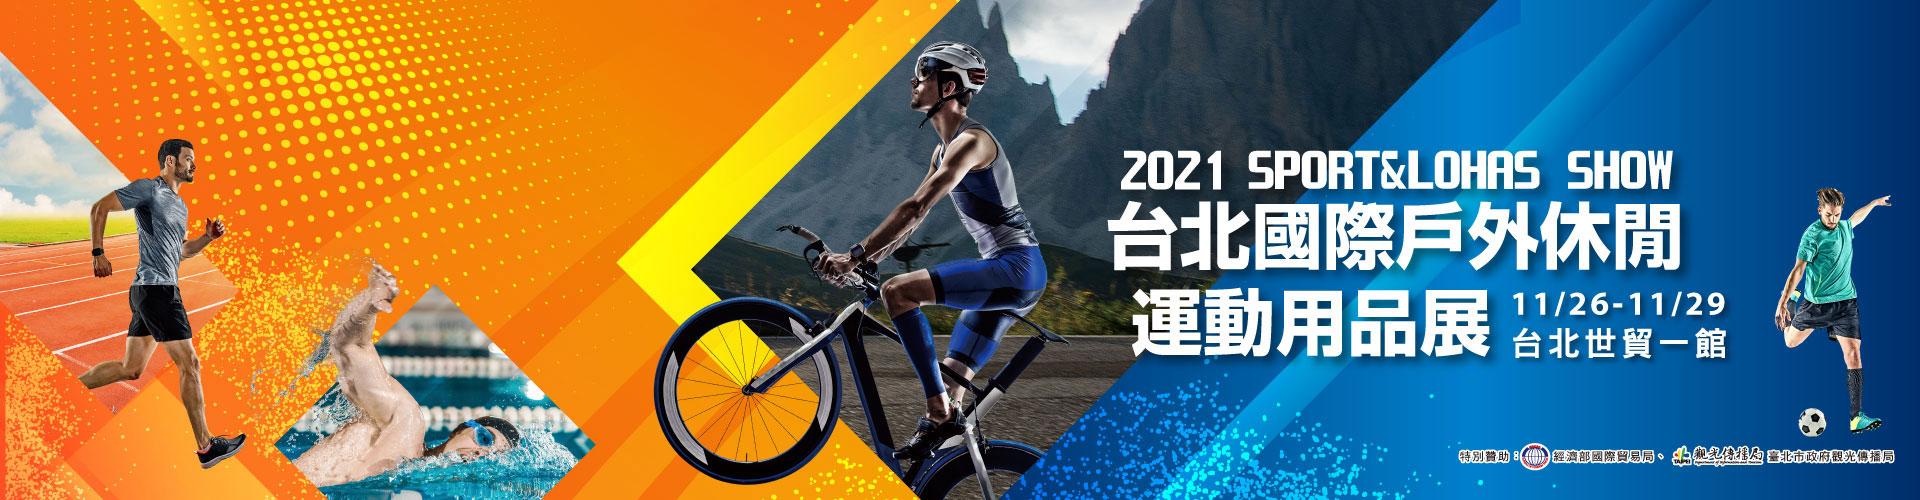 2021台北國際運動用品暨戶外休閒展